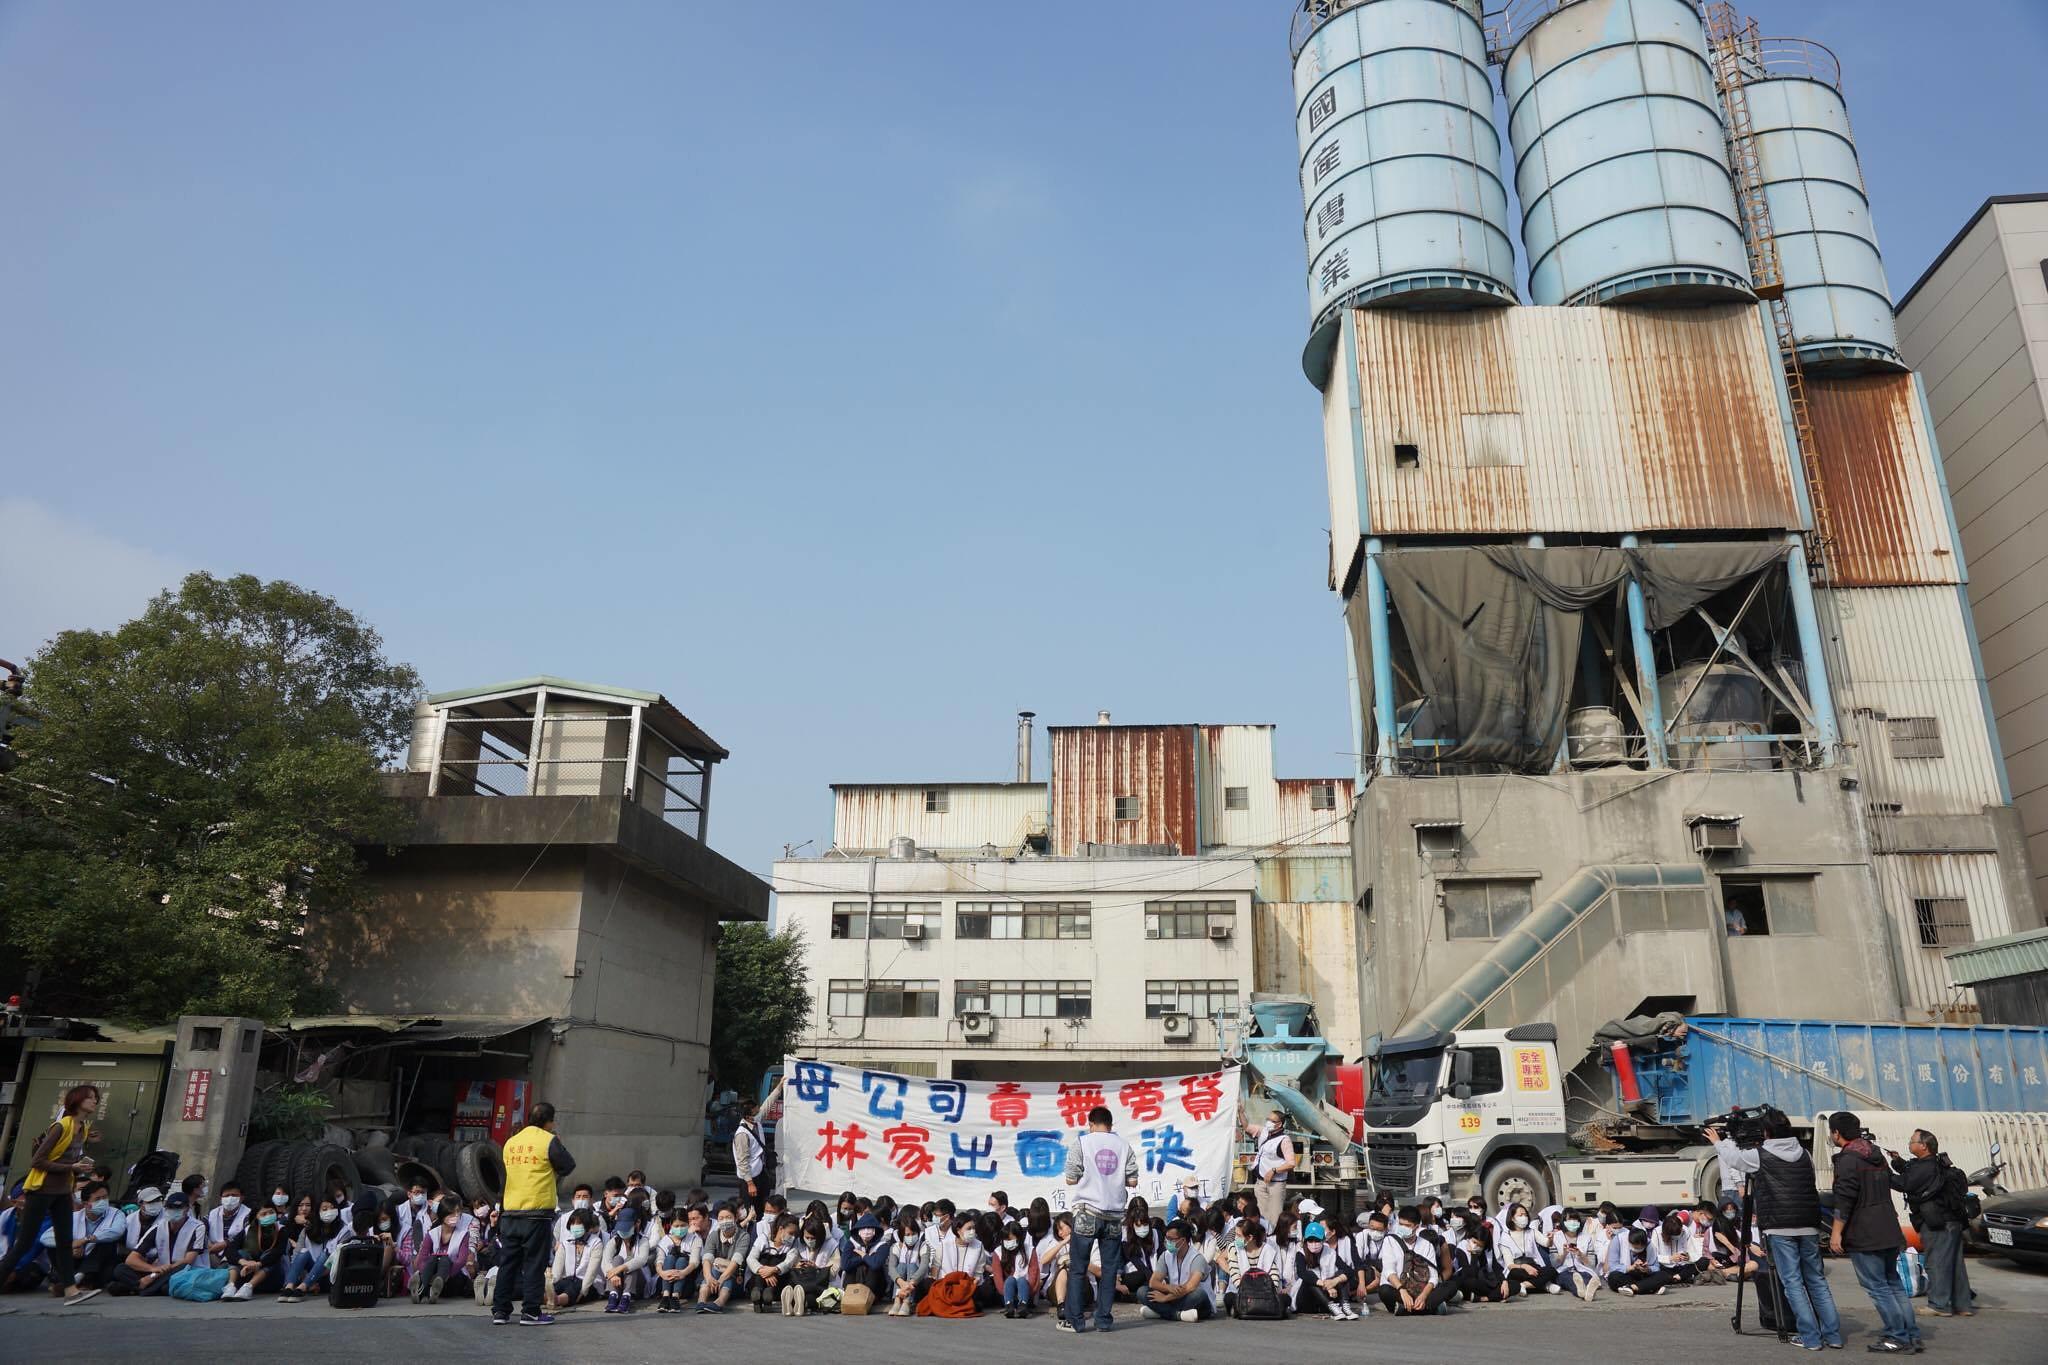 興航員工拉起布條,阻擋在水泥廠外。(攝影:王顥中)